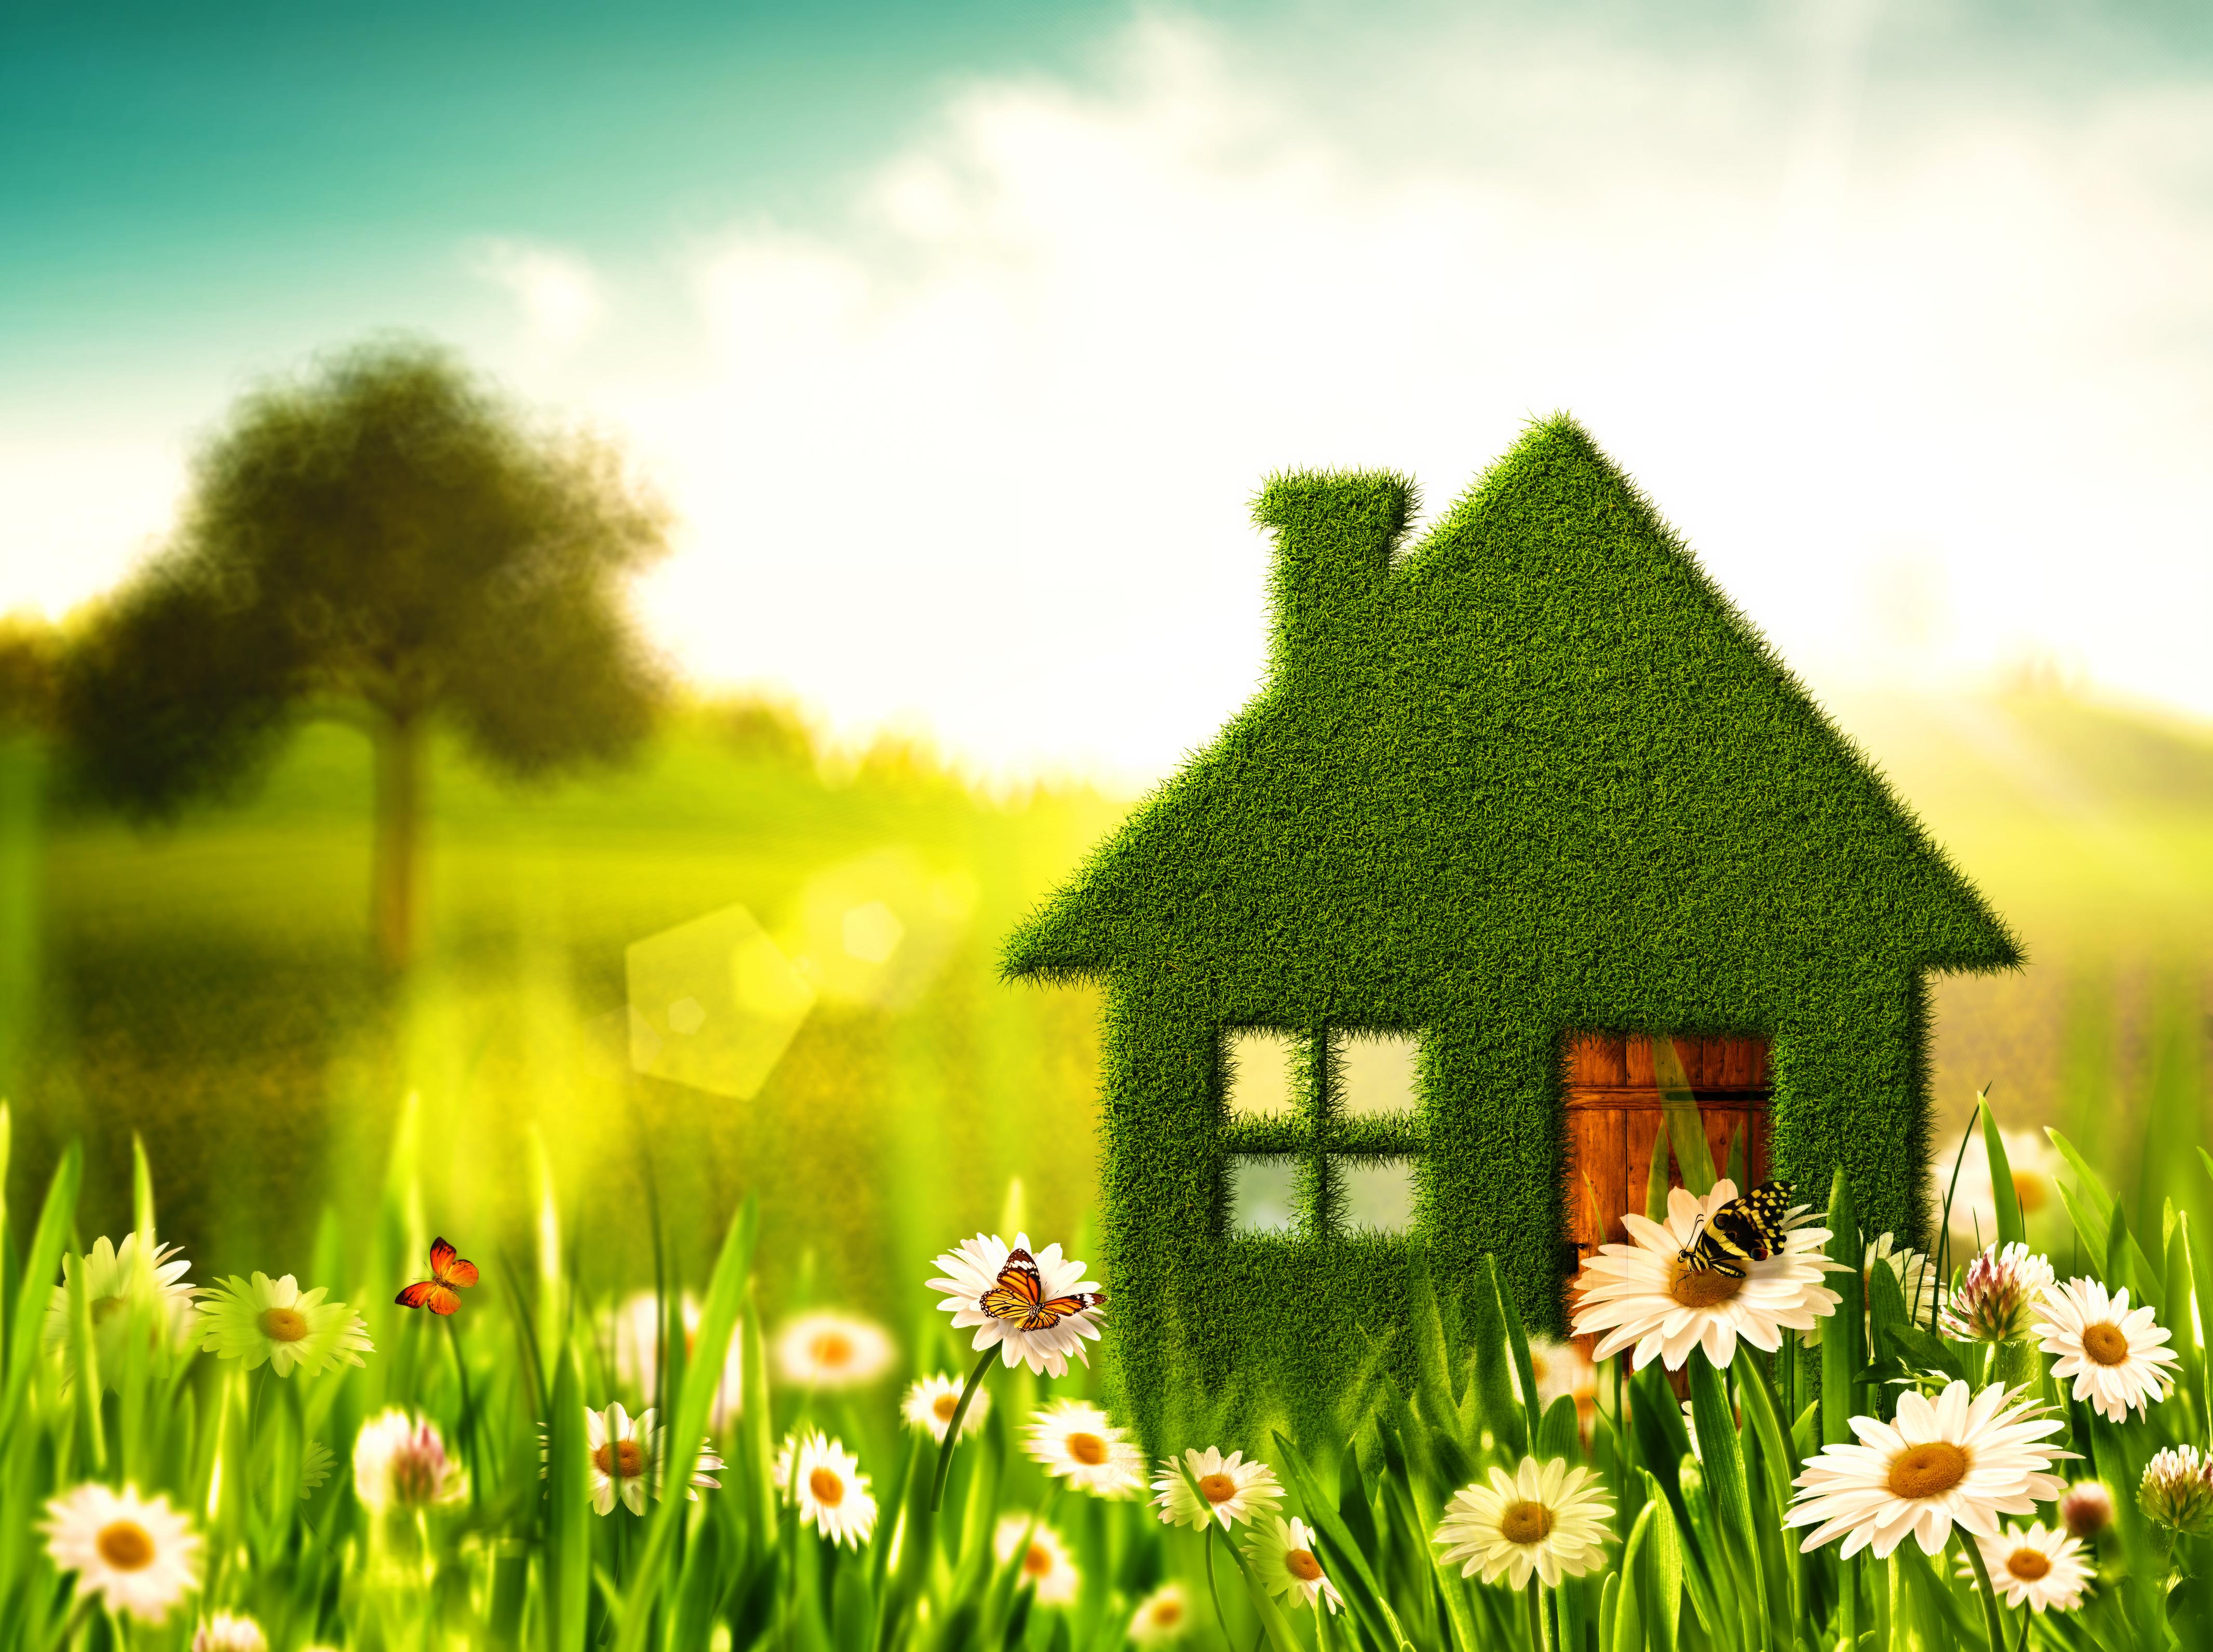 Domy do 70m2 bez pozwolenia na budowę - przepisy wejdą w życie na przełomie roku